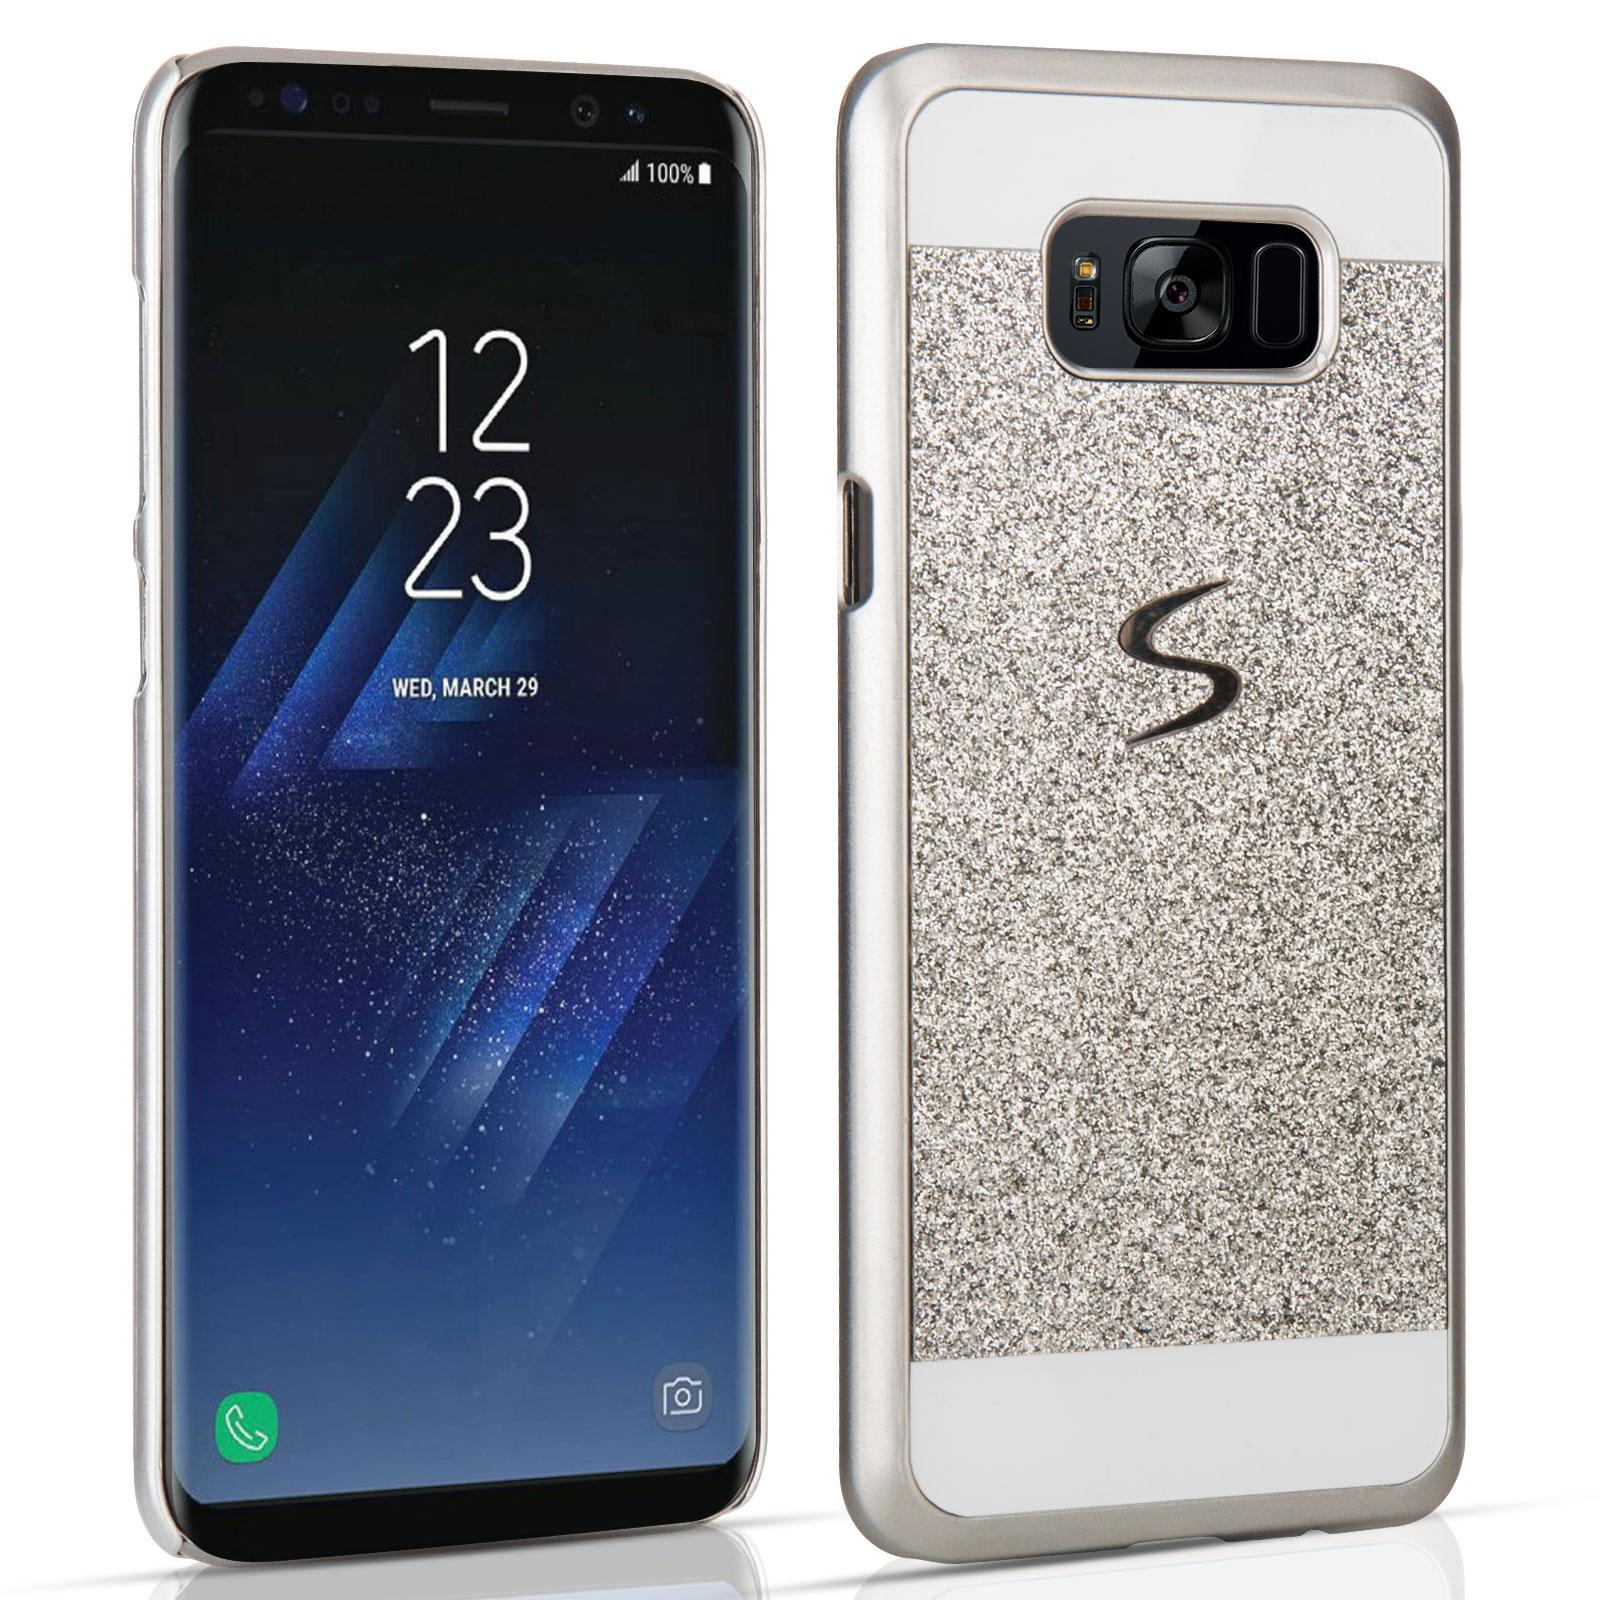 85b9013bc1 Προστατέψτε το κινητό σας με αυτή την υπέροχη θήκη και εντυπωσιάστε με την  εξαιρετική ποιότητά της.